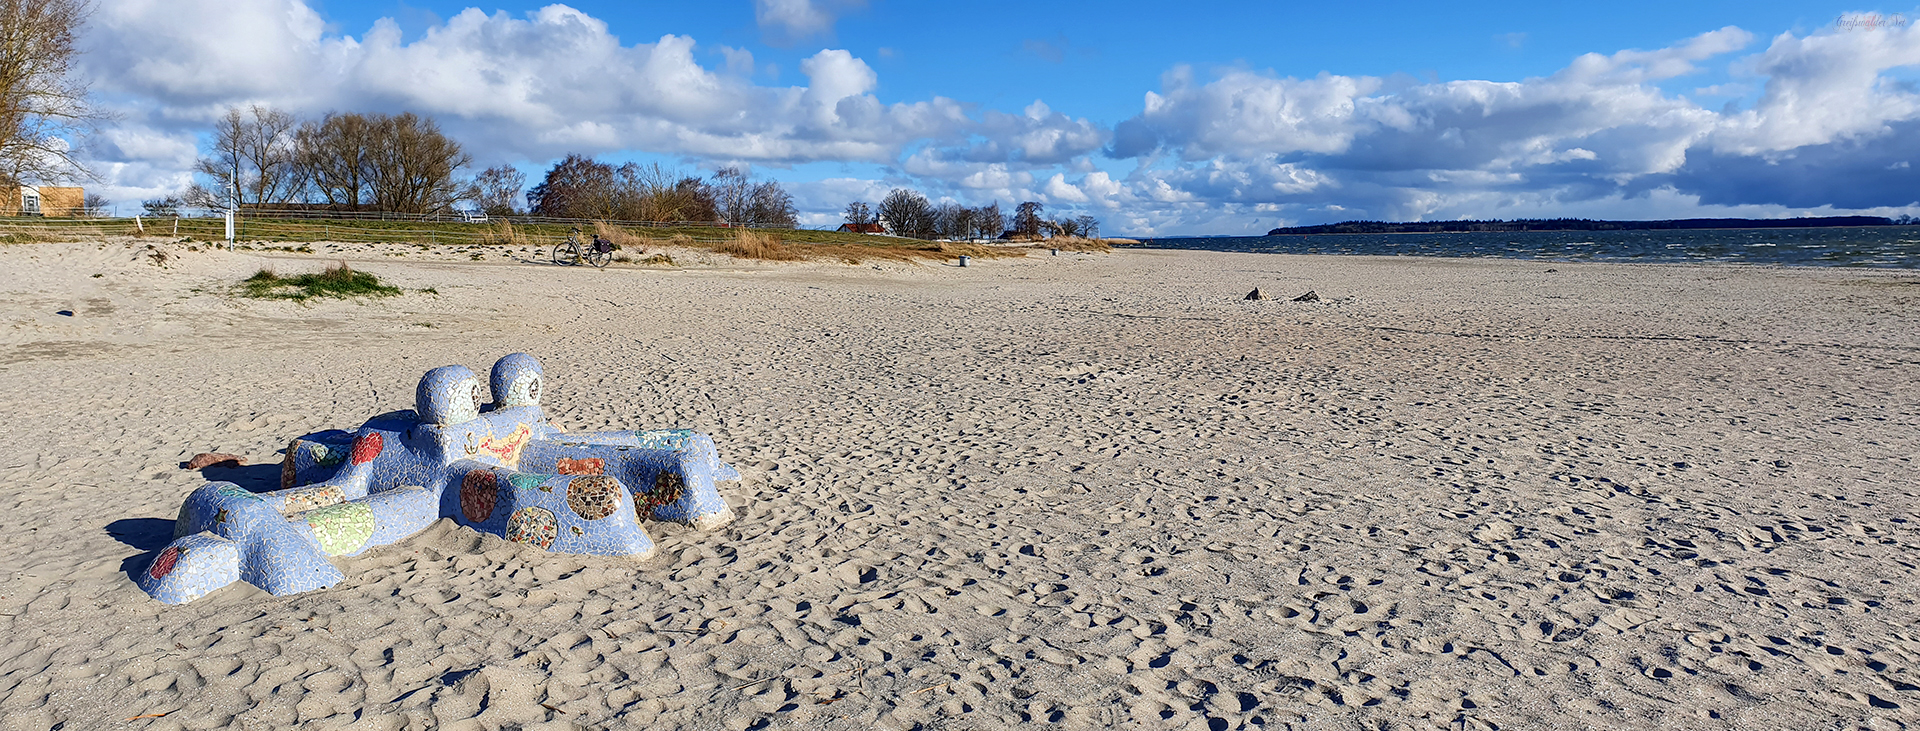 Sonntag am Strand in Greifswald-Eldena